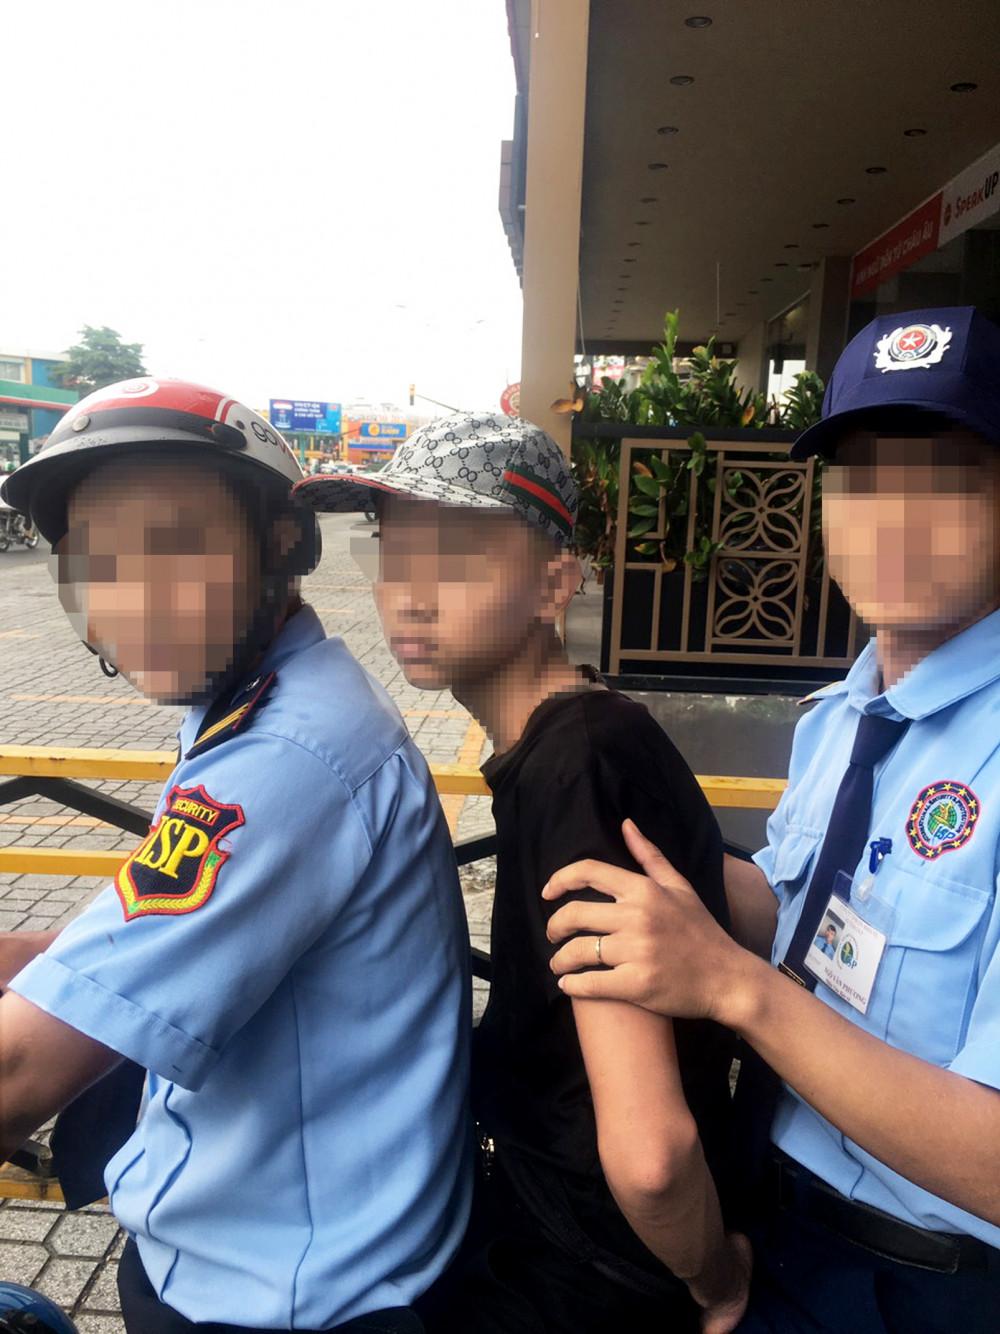 Thiếu niên (ngồi giữa) bị bảo vệ bắt giữ khi đang quay lén phụ nữ trong nhà vệ sinh của một trung tâm thương mại ở Q.Gò Vấp, TP.HCM